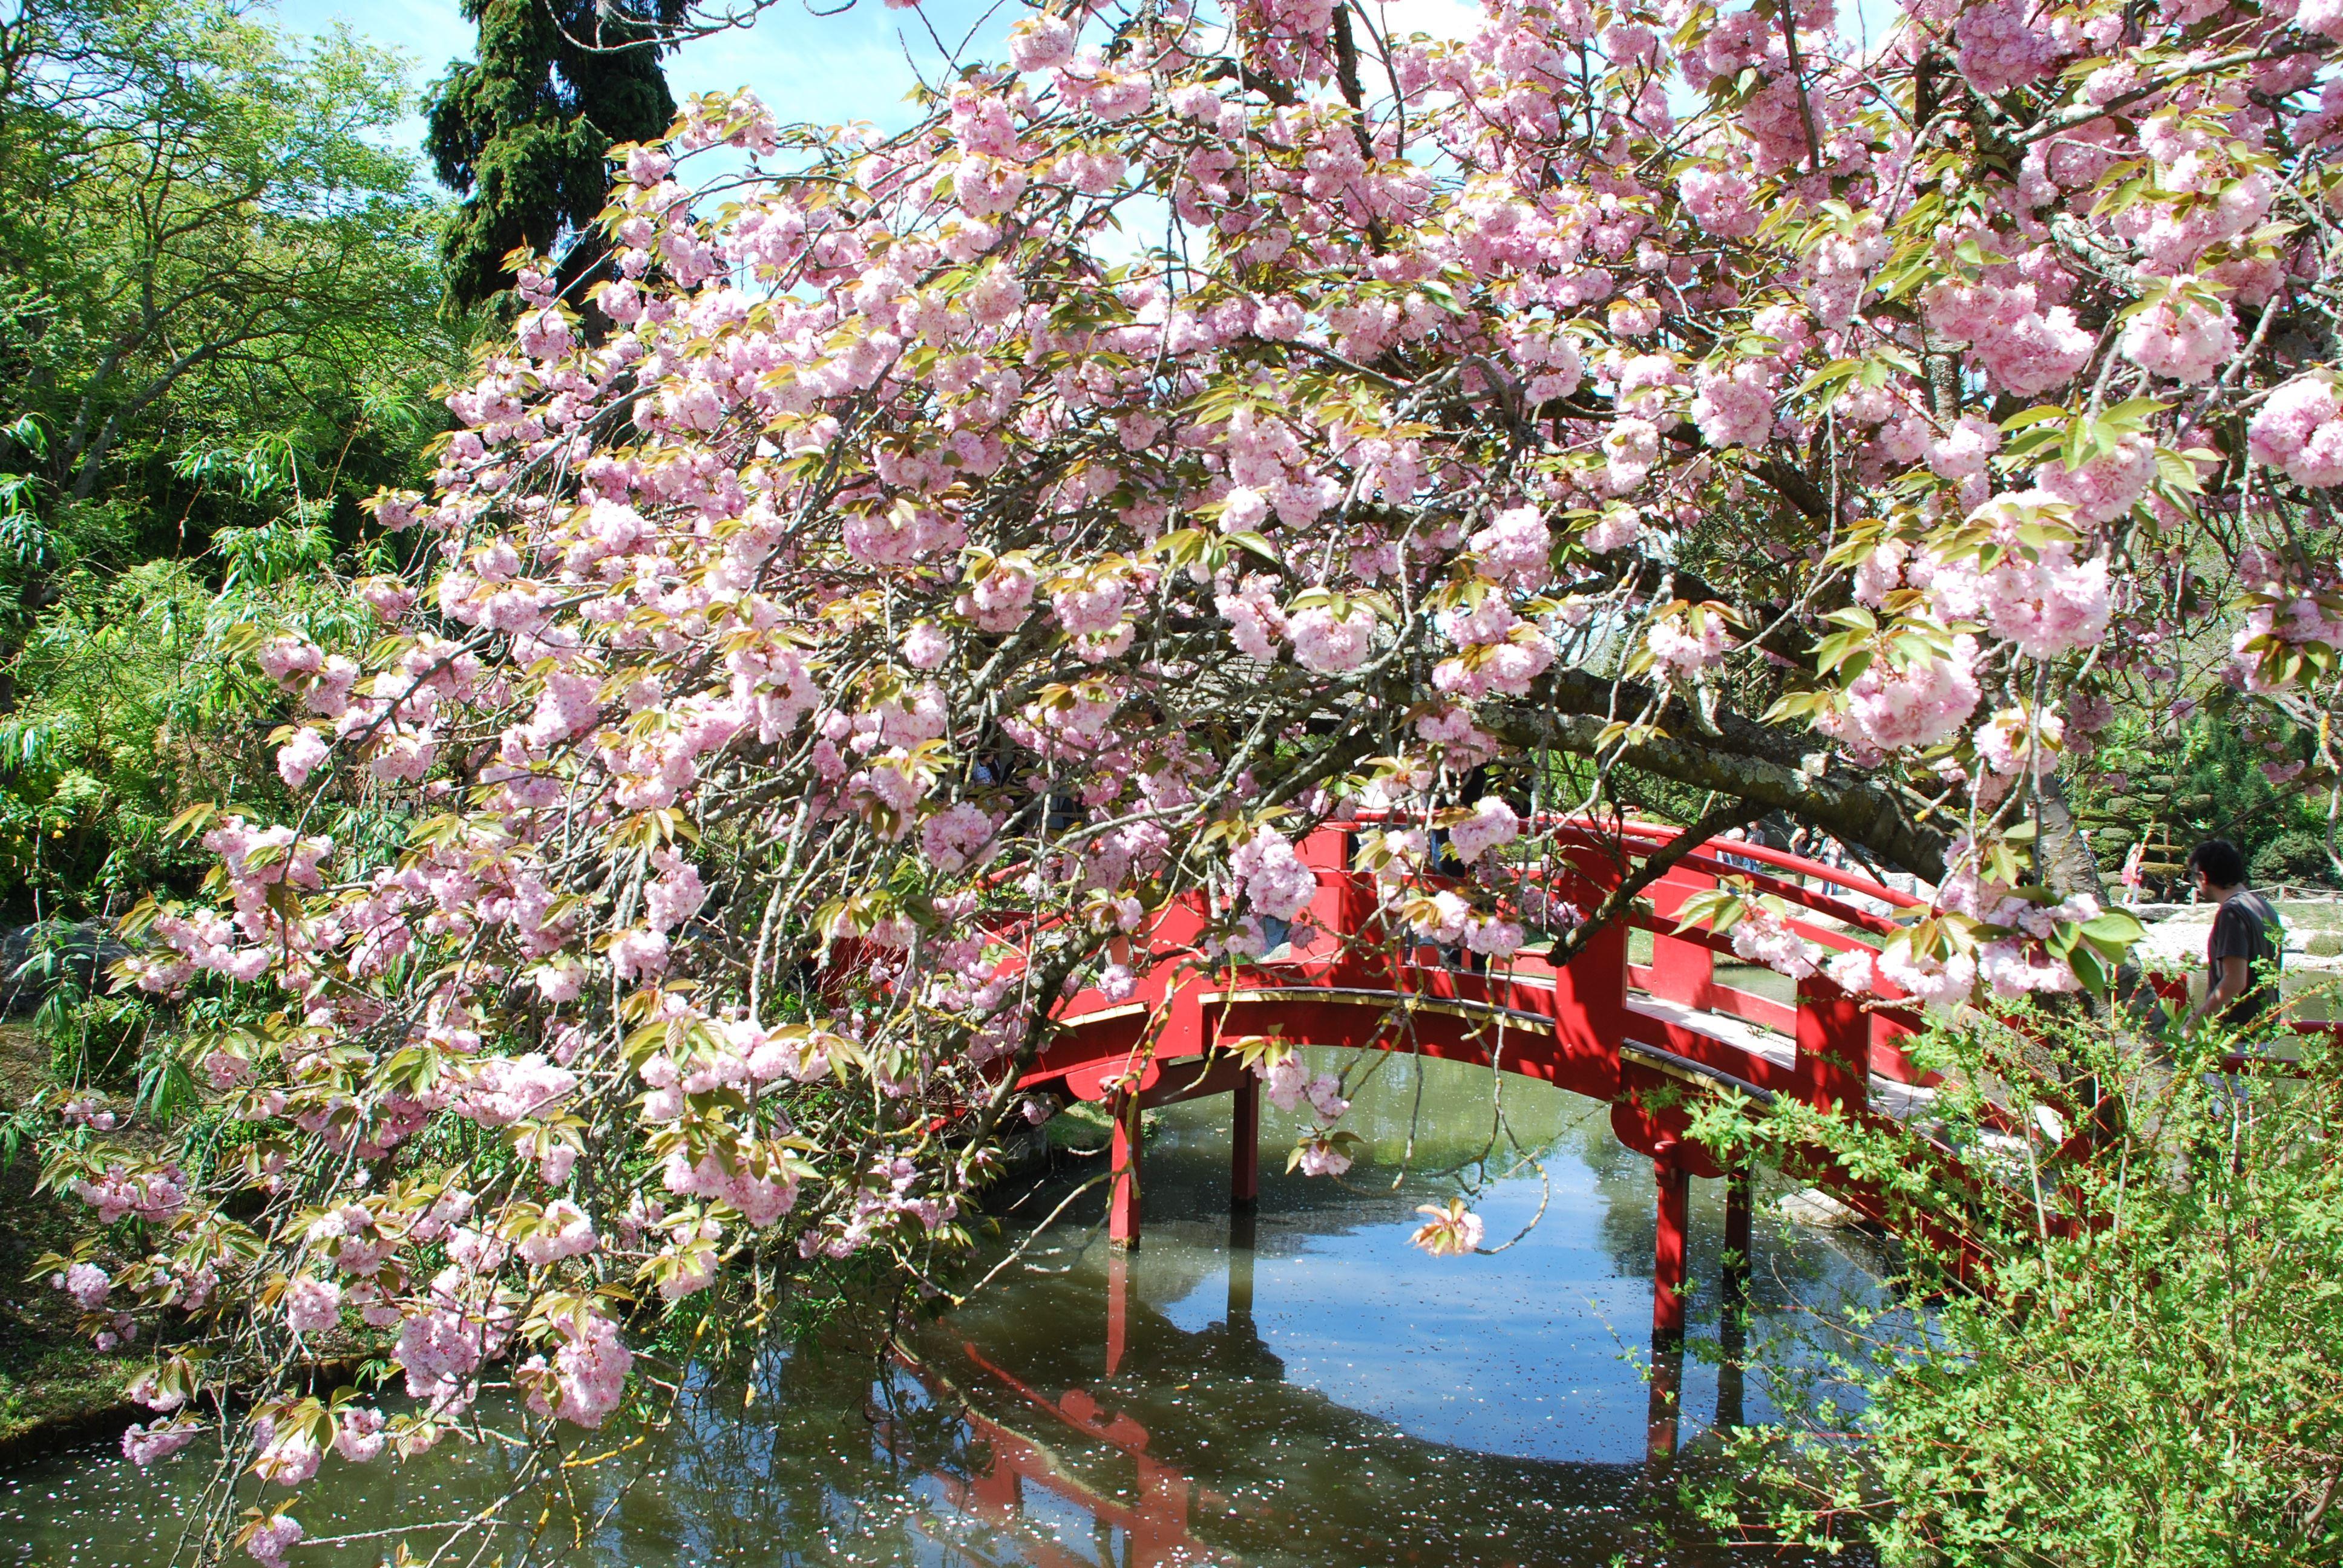 Autour du Jardin japonais, place d'armes et havre de paix